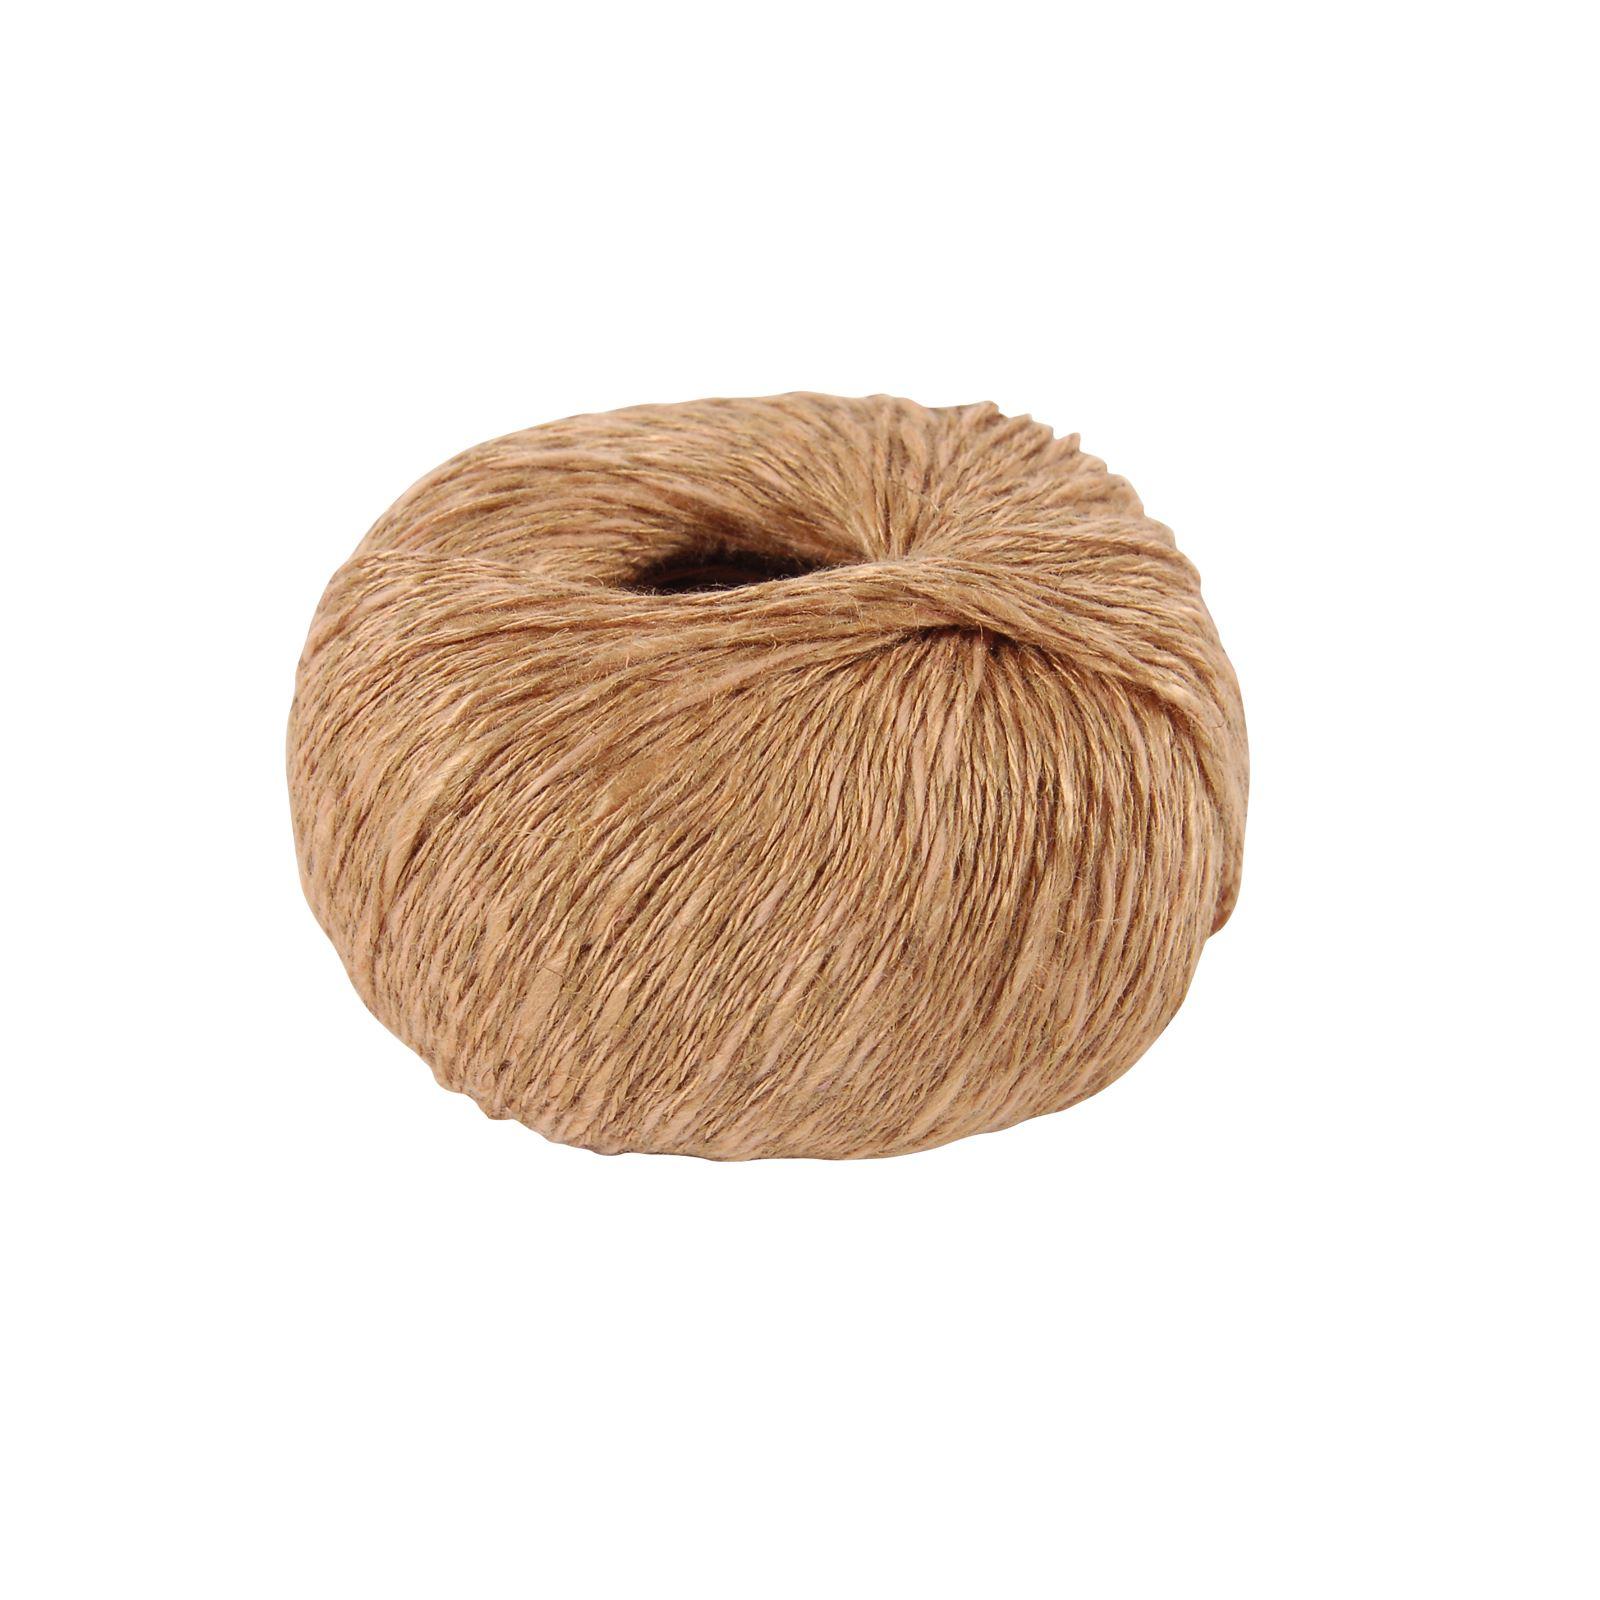 DMC Natura Linen Yarn Crochet Knitting | eBay